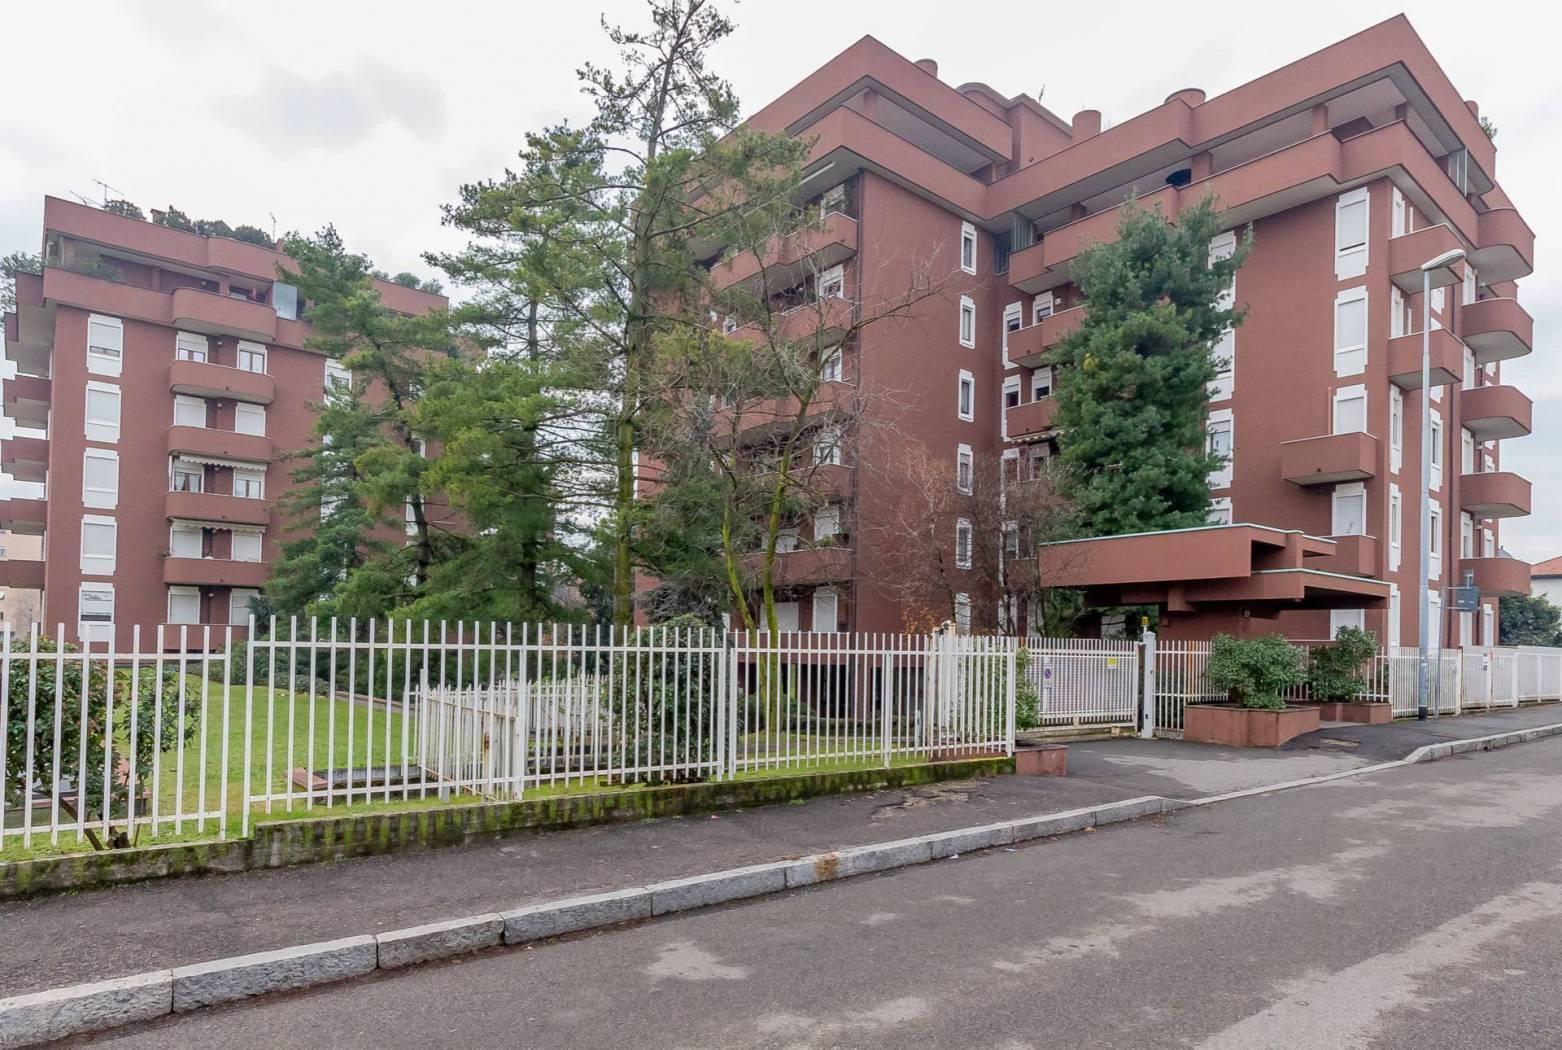 Foto 12 - Appartamento in Vendita - Monza, Zona San Carlo